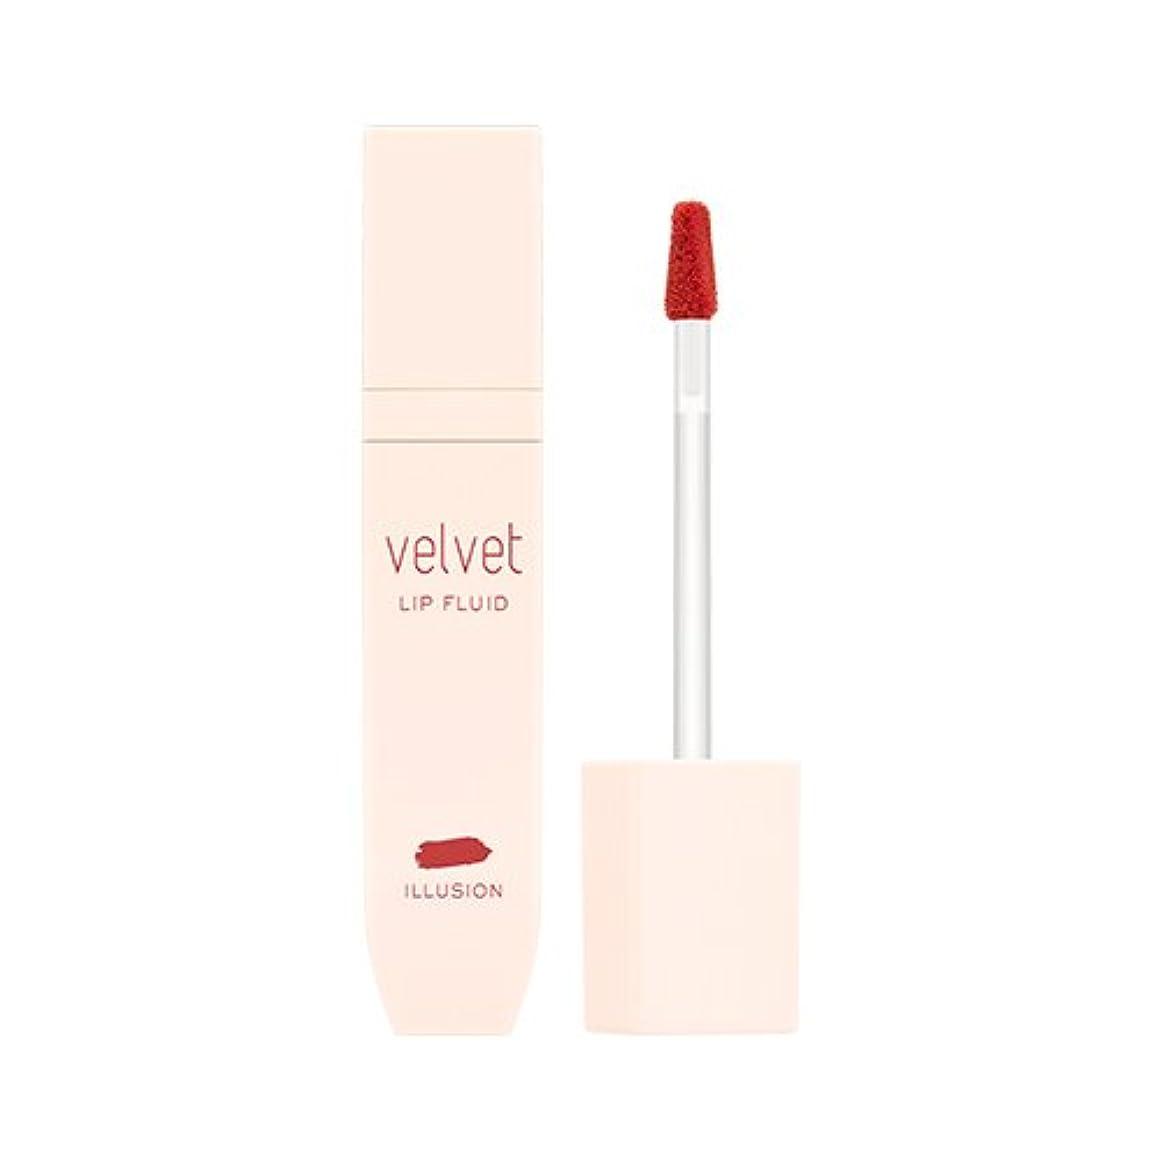 困った代表するつづりMISSHA Velvet Lip Fluid #Illusion / ミシャ ベルベットリップフルイド #イリュージョン [並行輸入品]